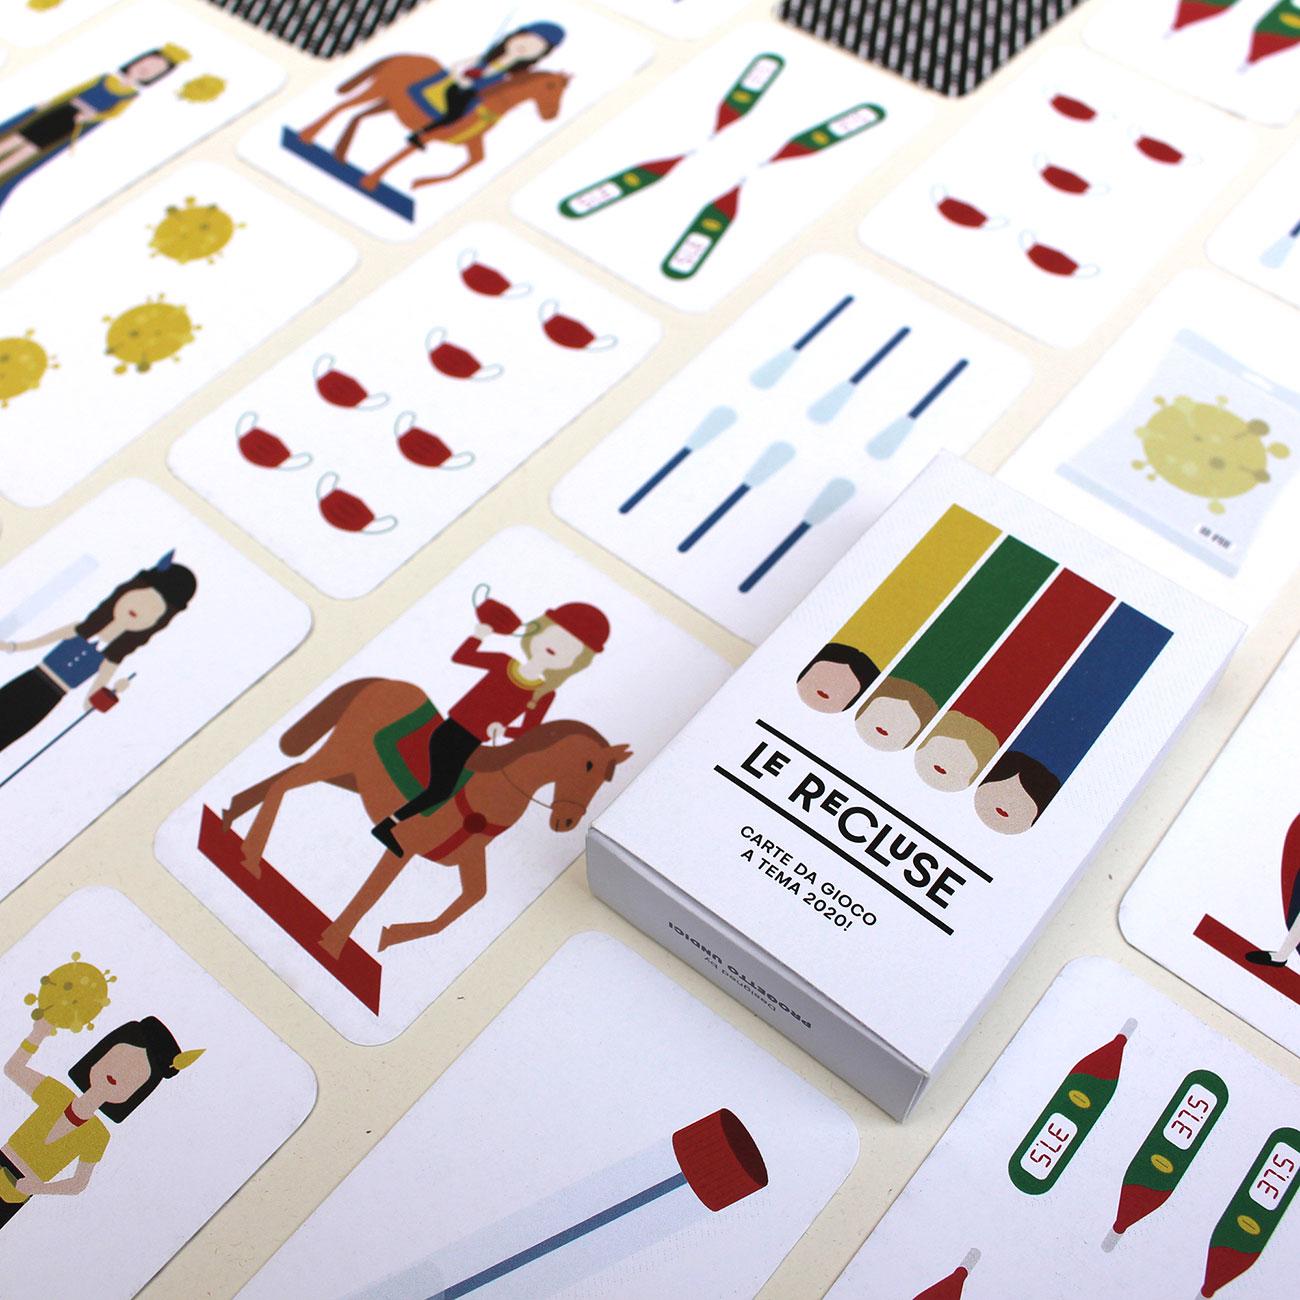 Le Recluse, carte da gioco a tema - Prodotti, Progetto Undici